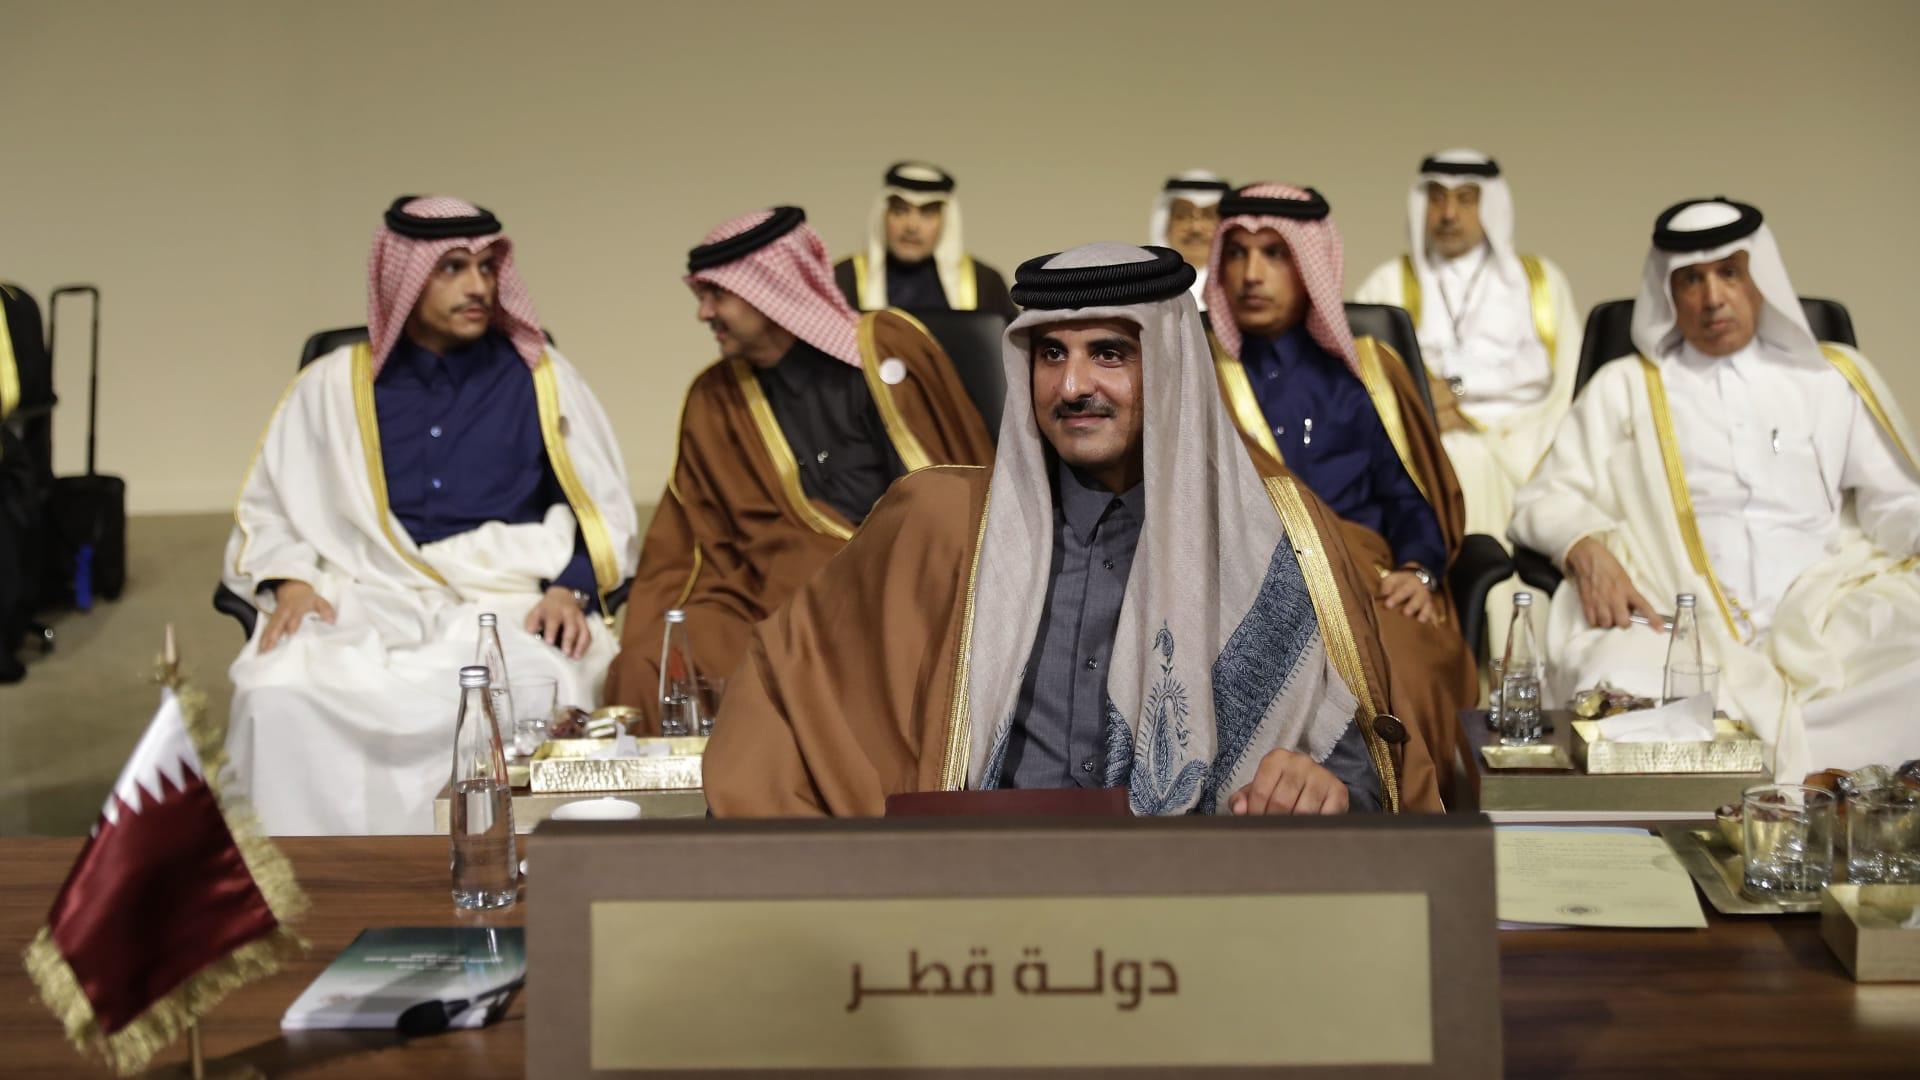 وزير خارجية قطر يكشف لـCNN مطالب الدوحة لحل الأزمة الخليجية